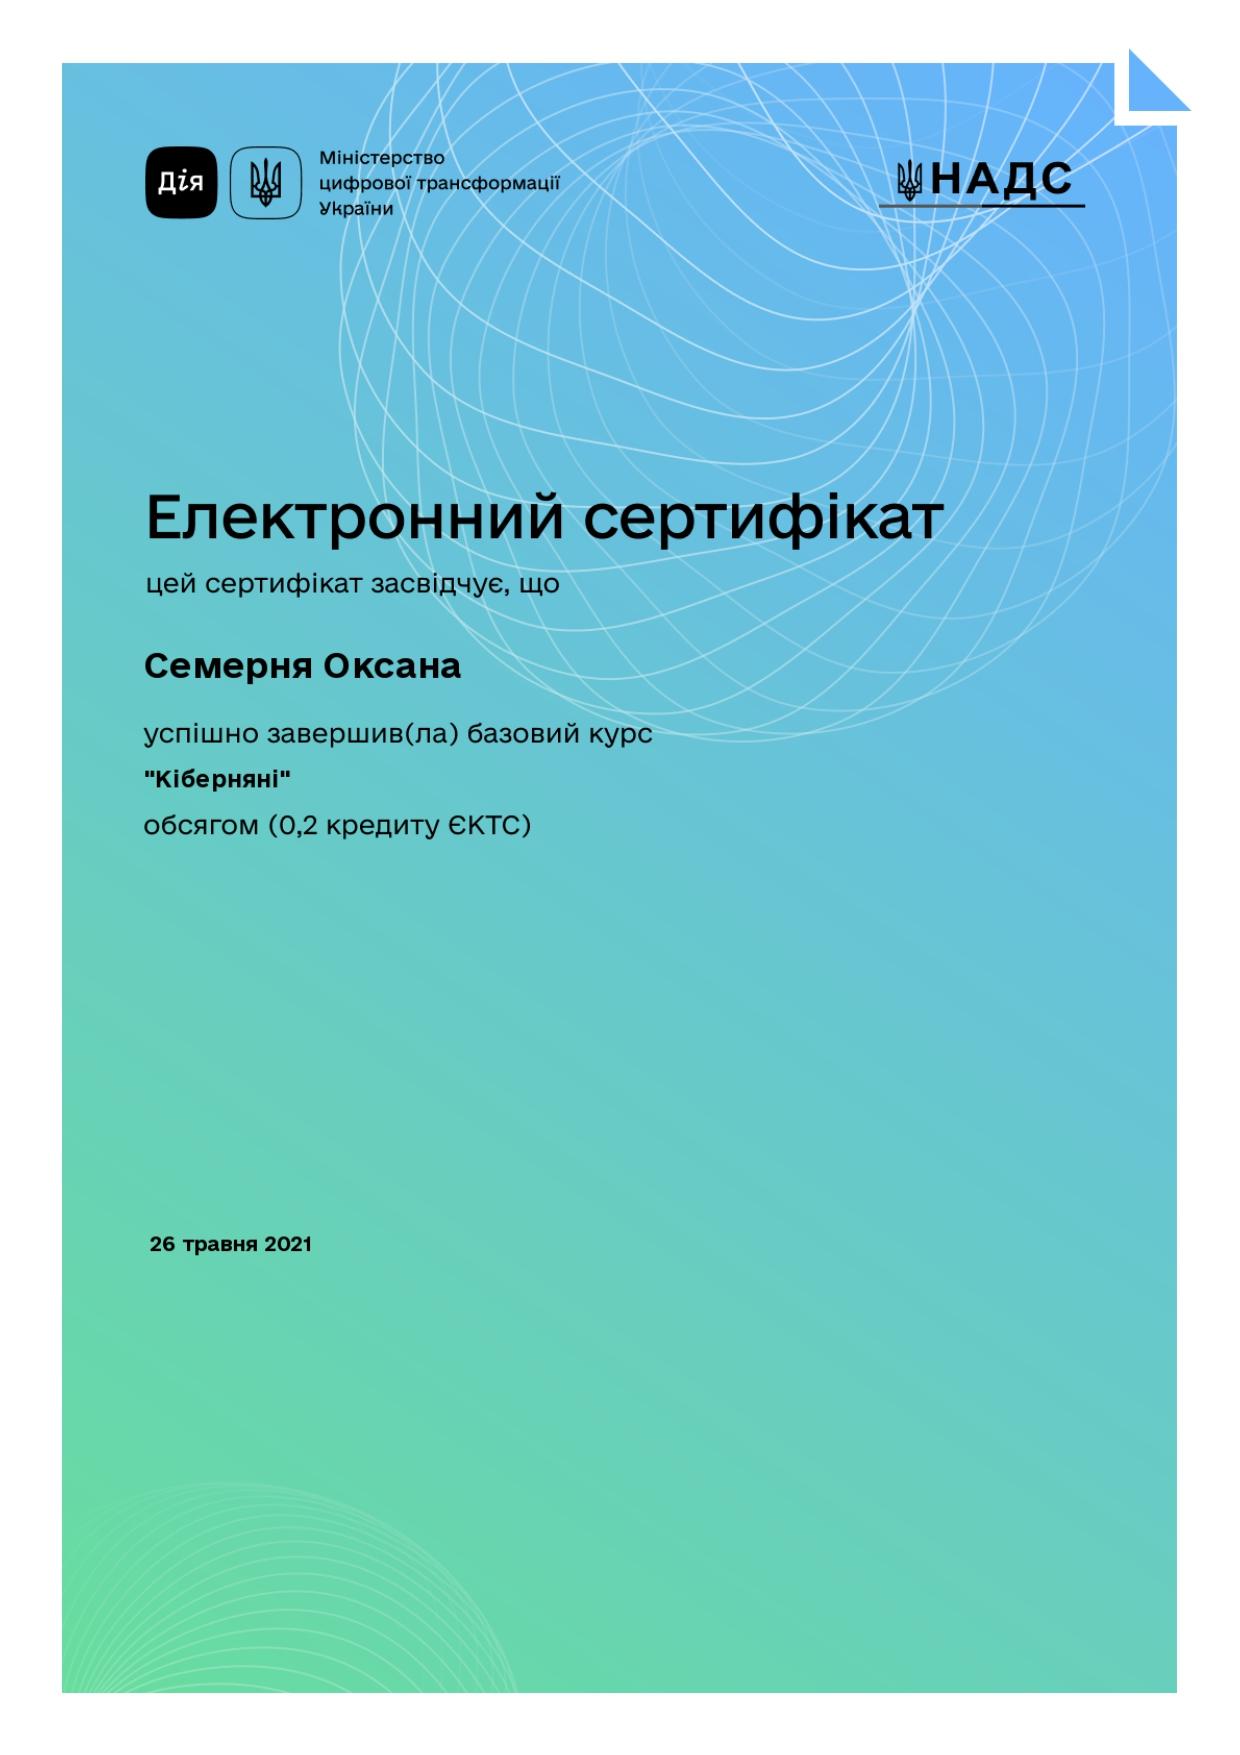 +1 Електронний сертифікат